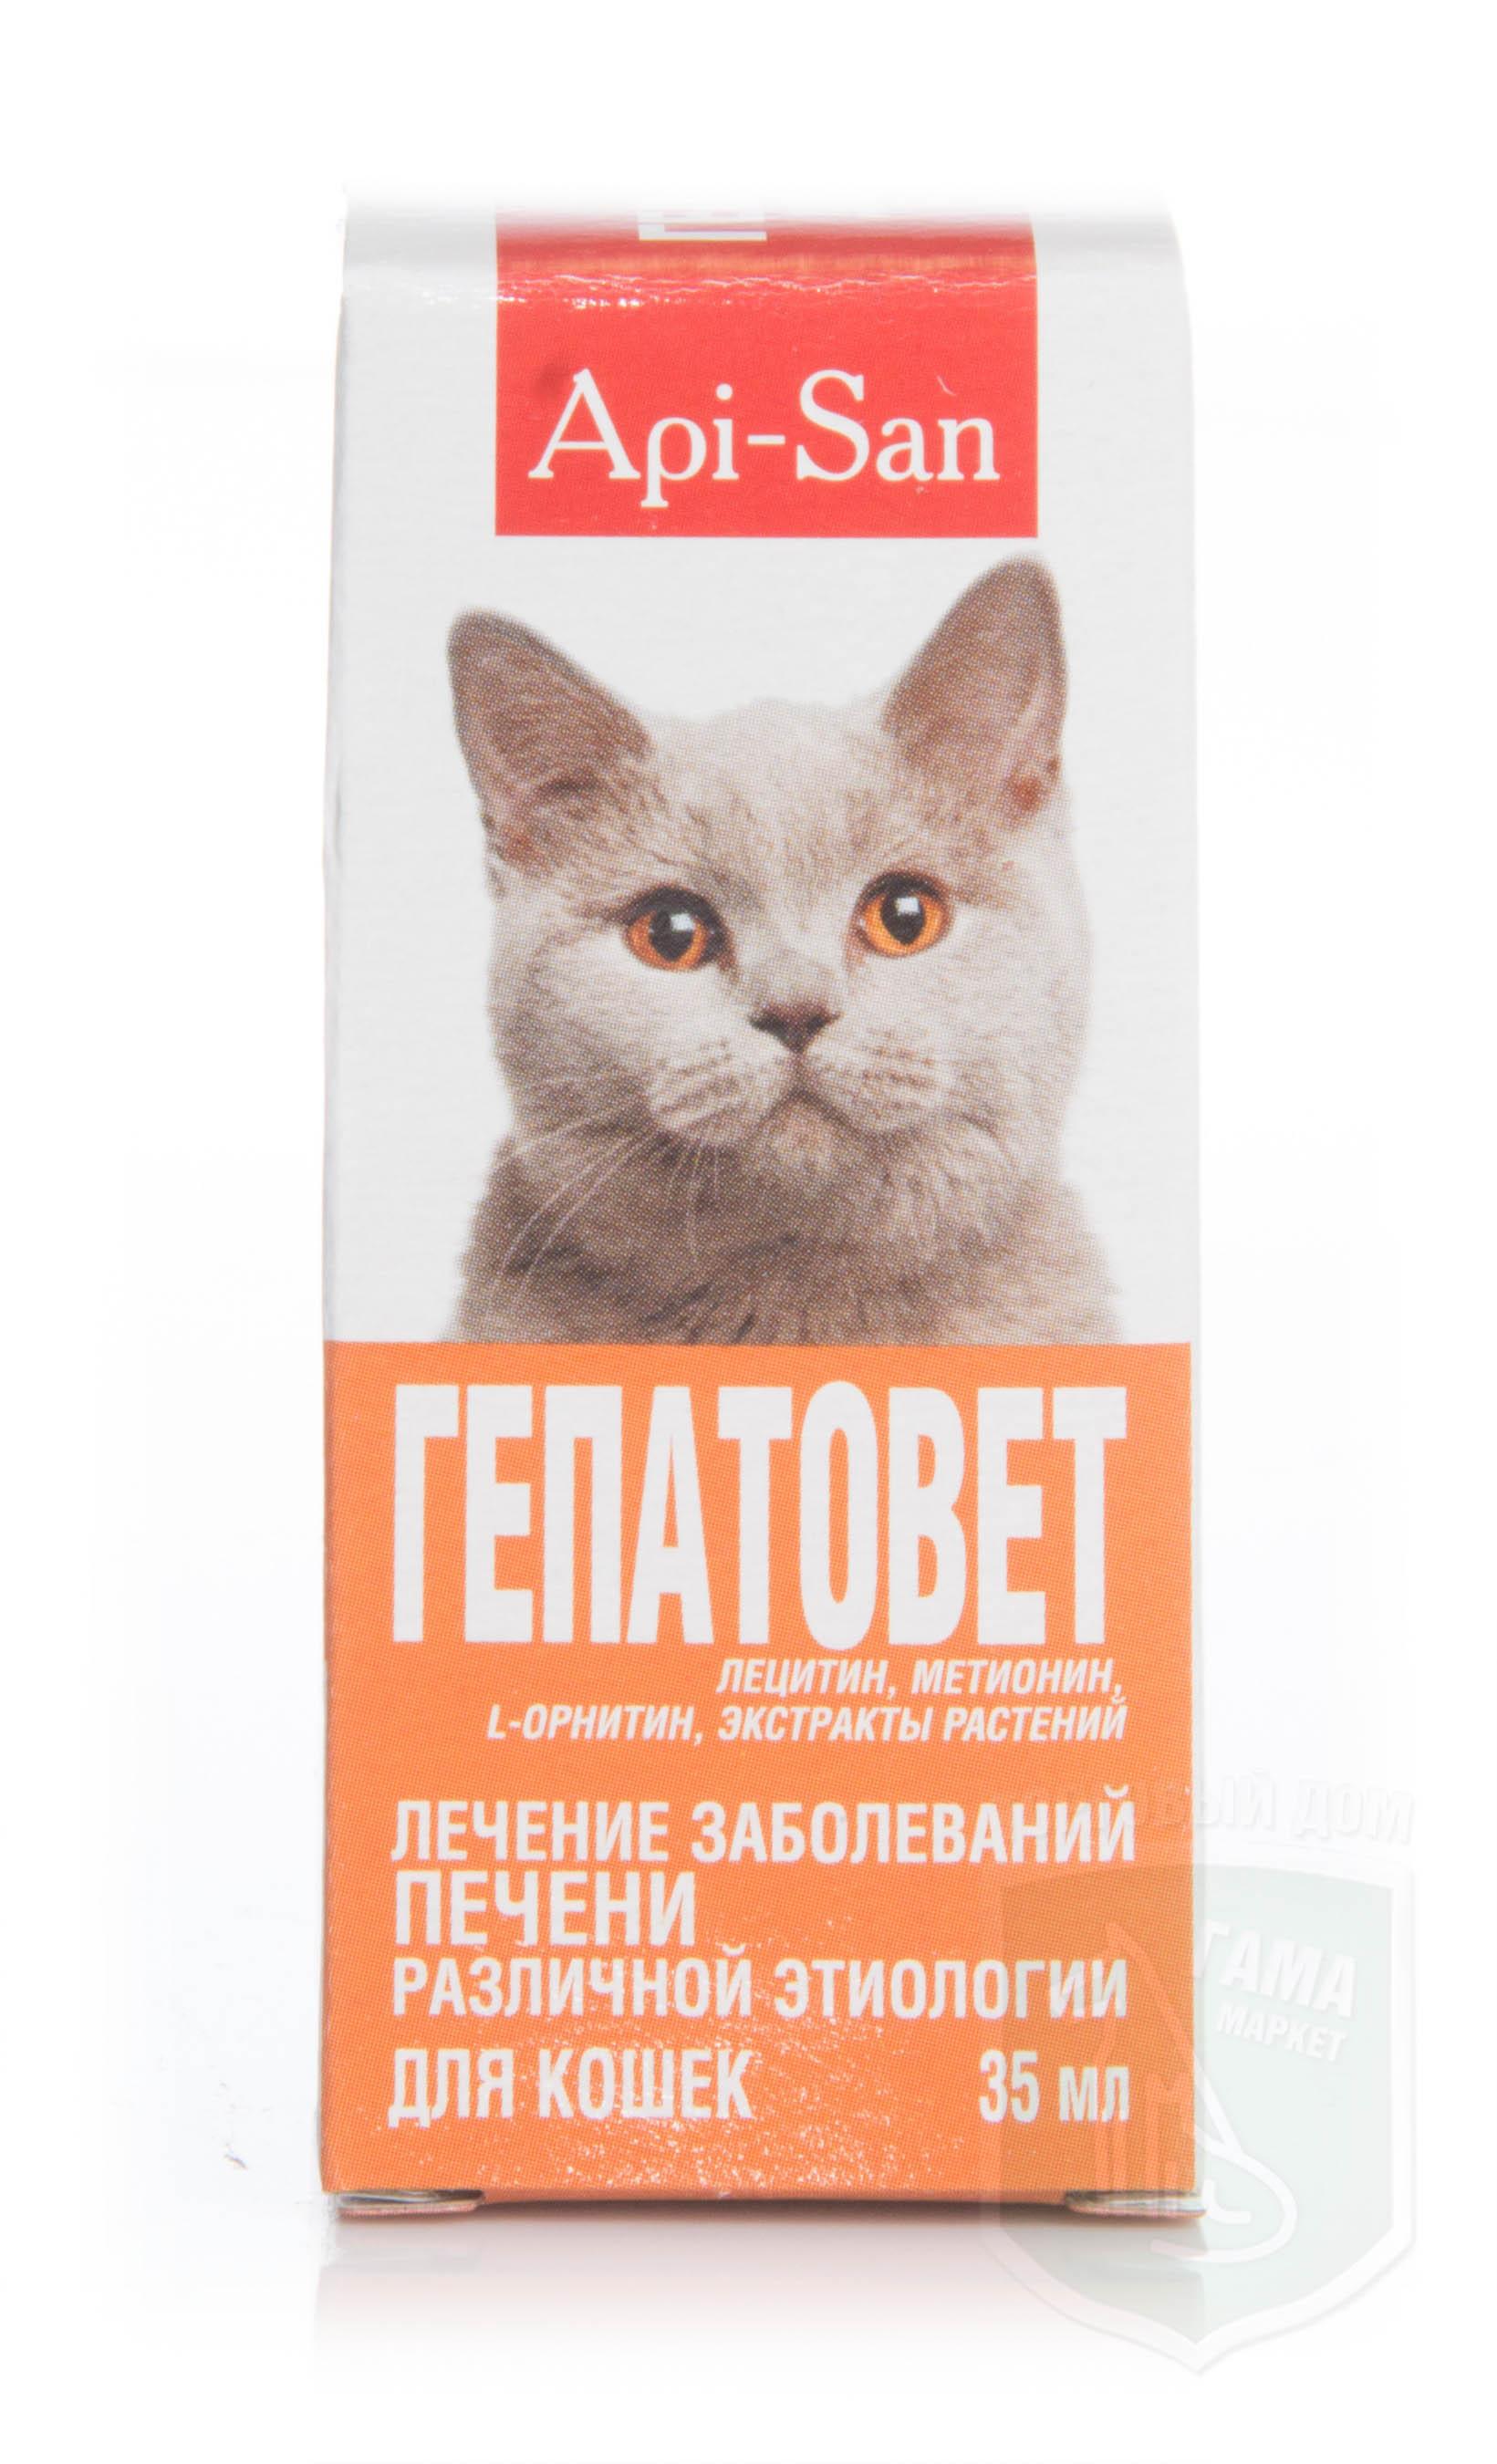 Гепатовет для кошек инструкция по применению vetbios ветаптека.